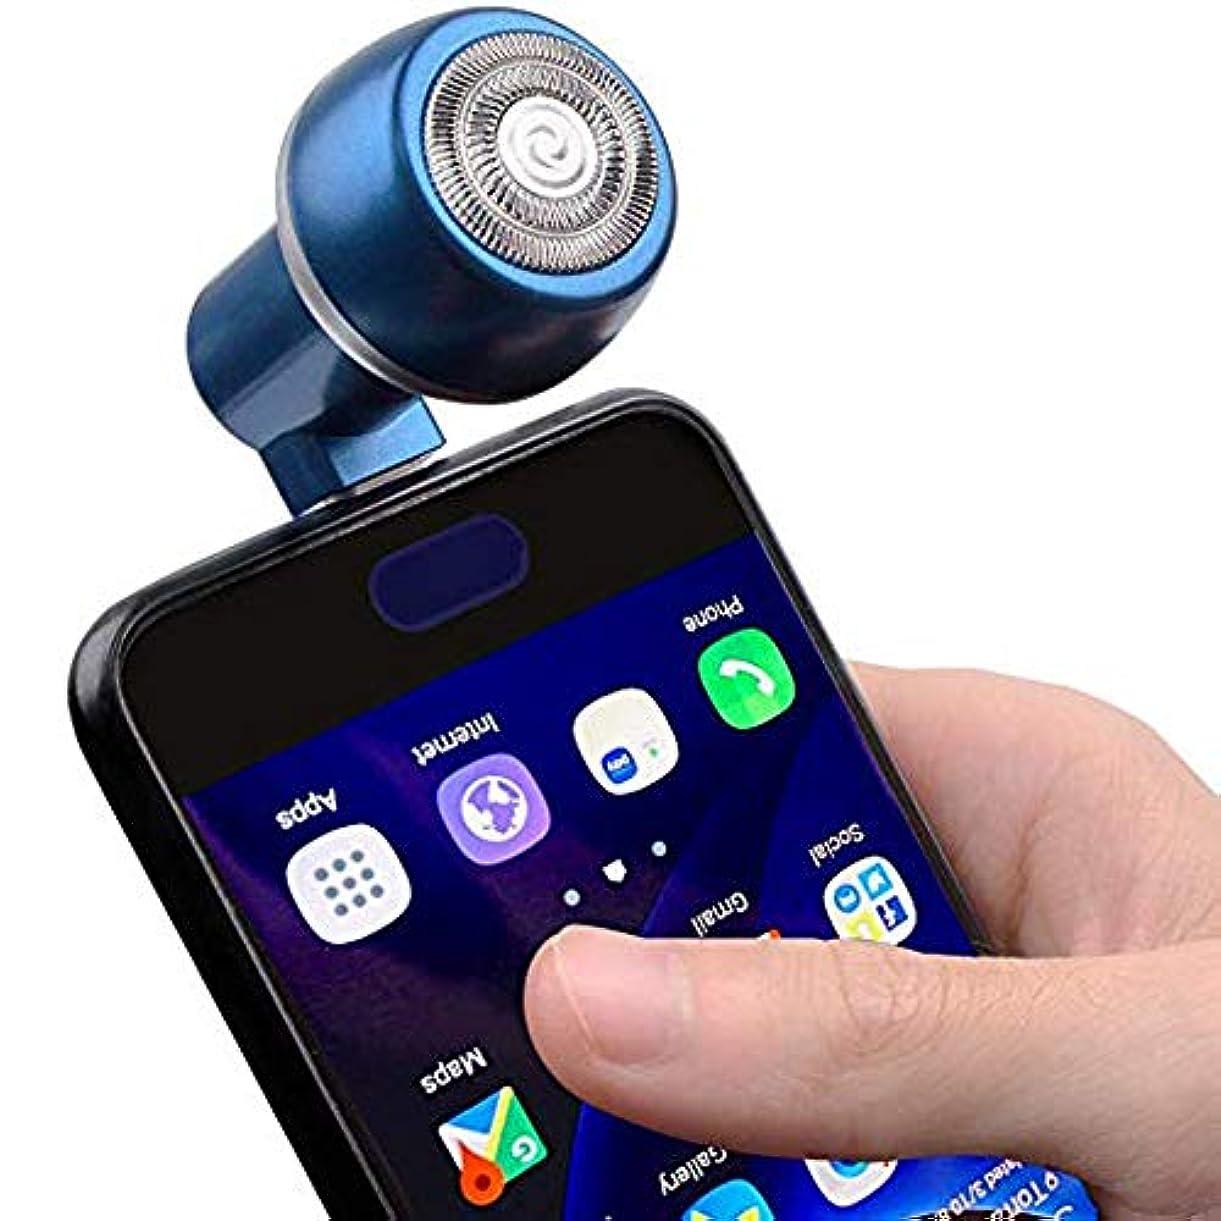 とは異なり合意エッセンスiCaree 鉱石ブルーメンズ 電気 シェーバー 髭剃り 回転式 ミニ 電動ひげそり 携帯電話/USB充電式 持ち運び便利 ビジネス 海外通用Android携帯電話屋外ポータブルマイクロ